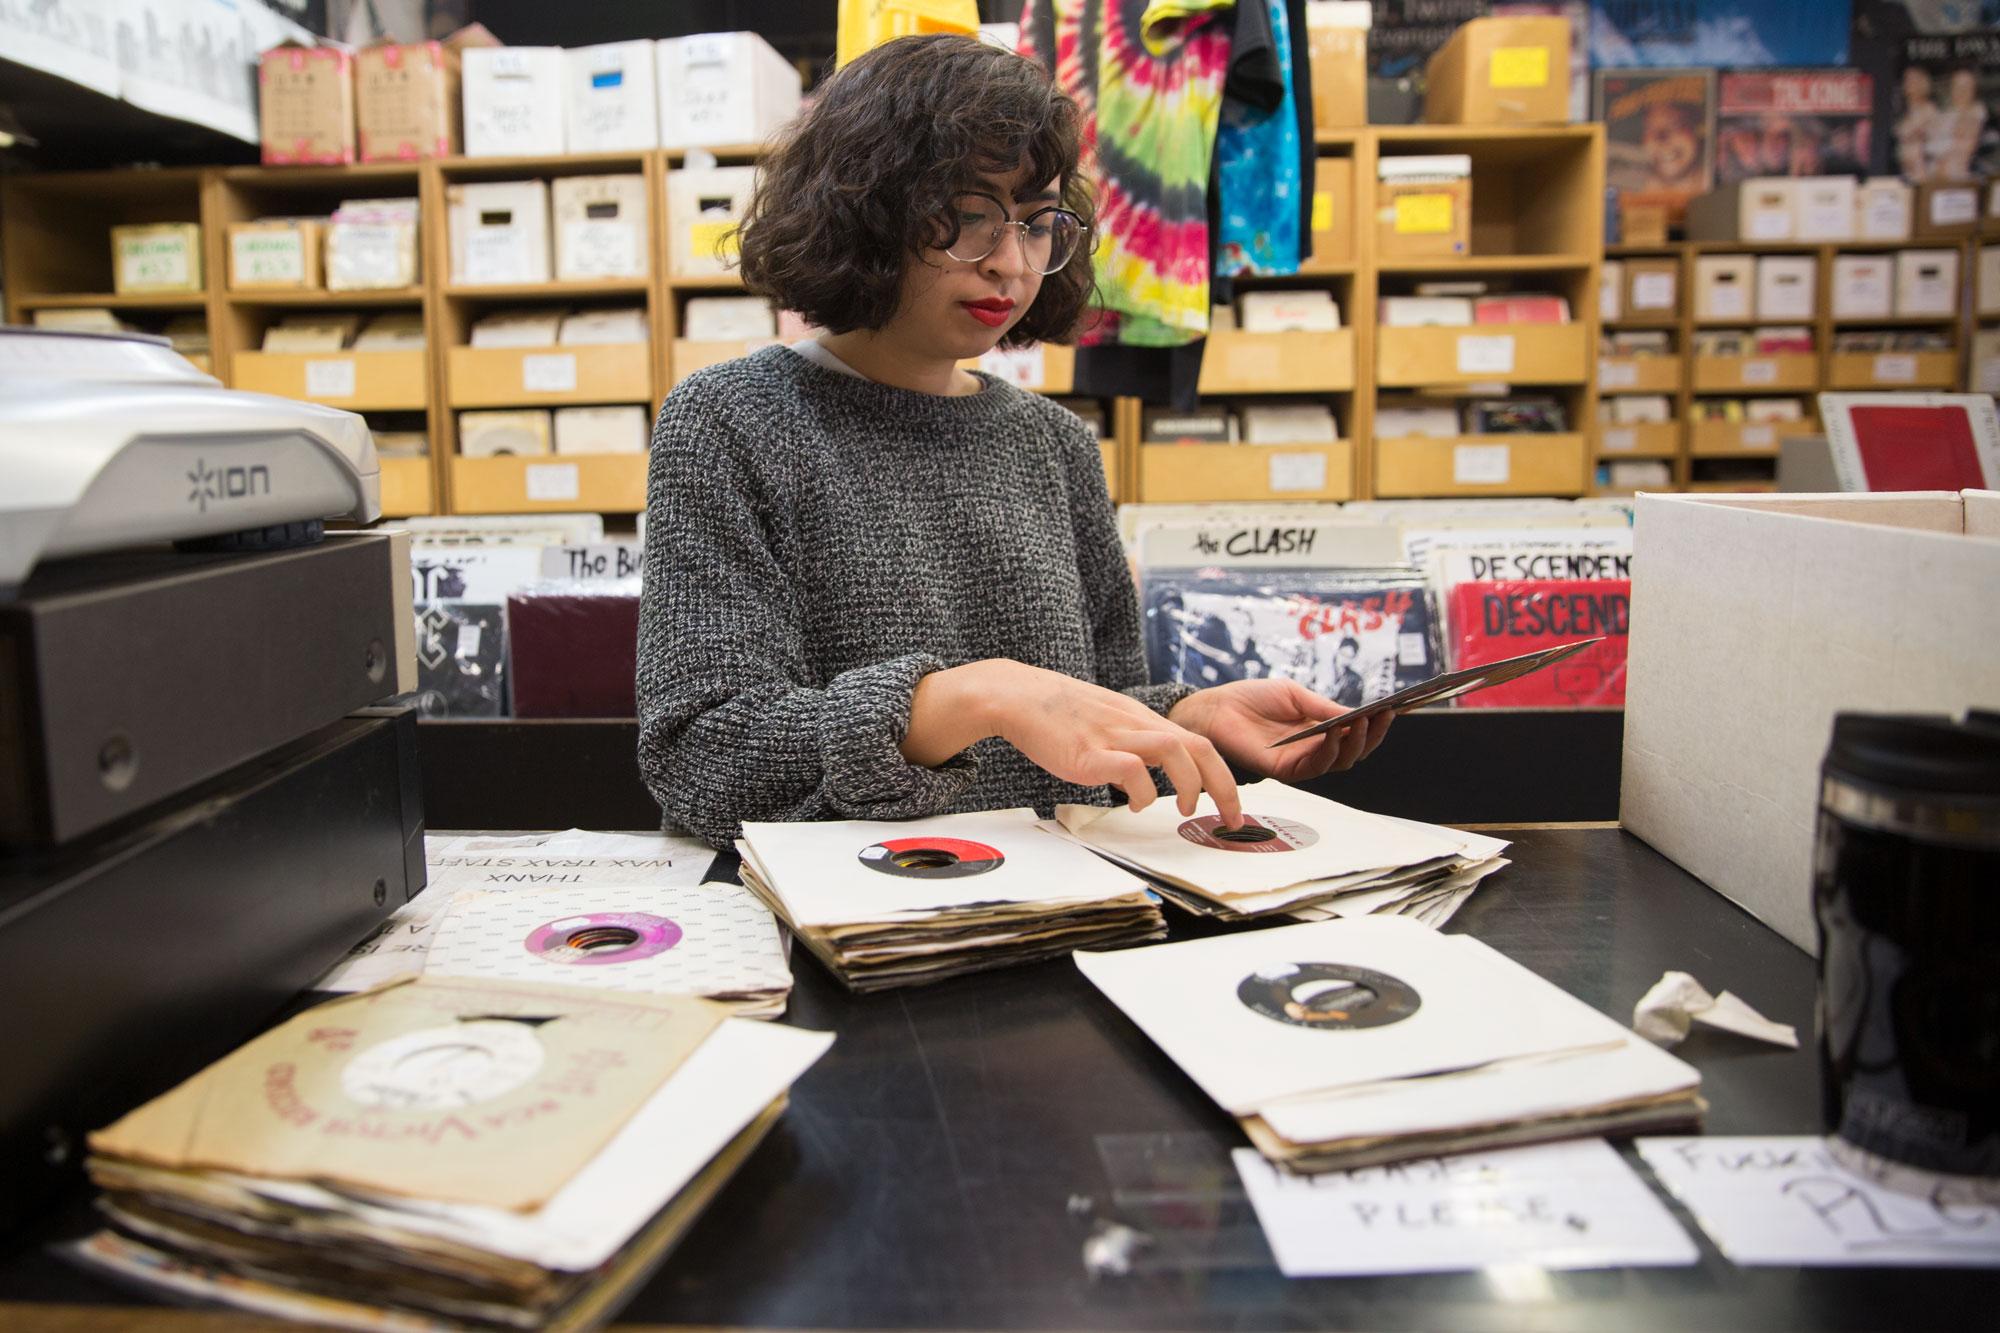 Photo: Wax Trax Records 4